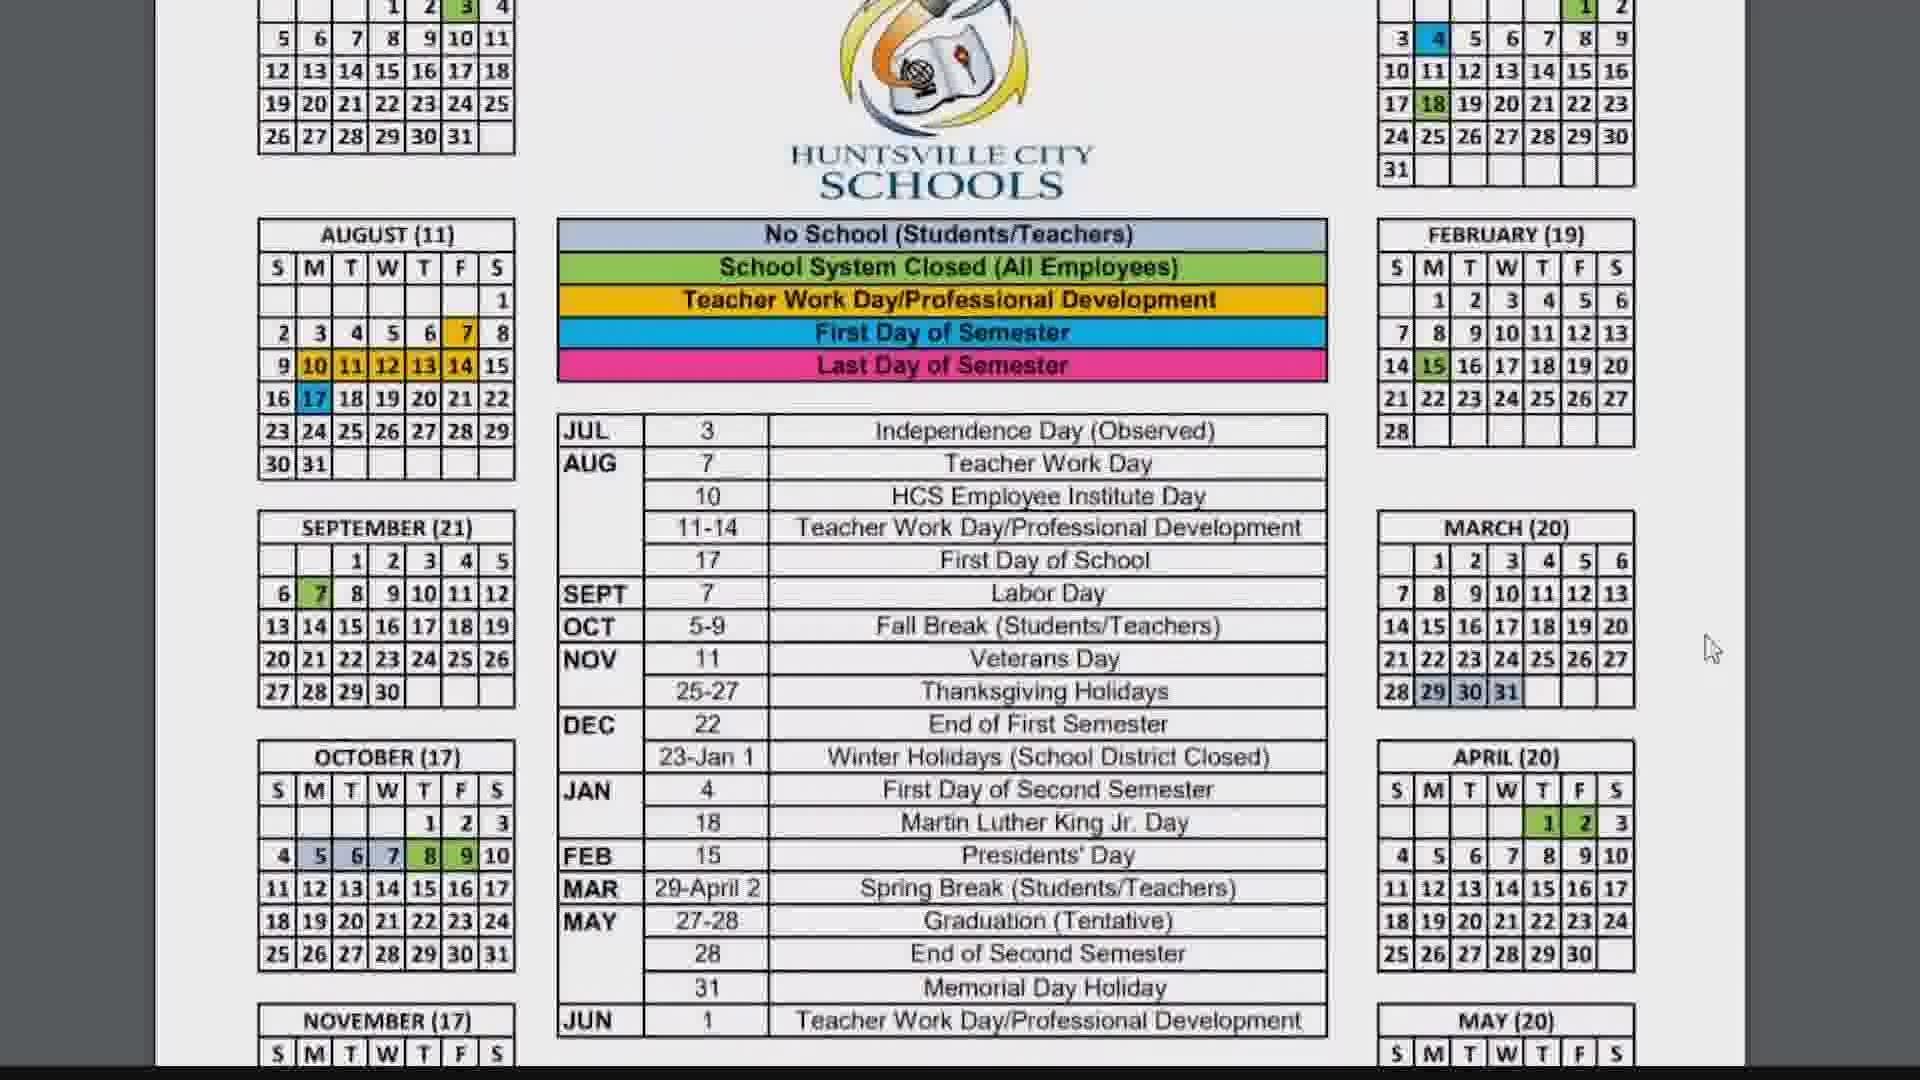 Uml Calendar Spring 2022.U M L A C A D E M I C C A L E N D A R 2 0 2 1 Zonealarm Results